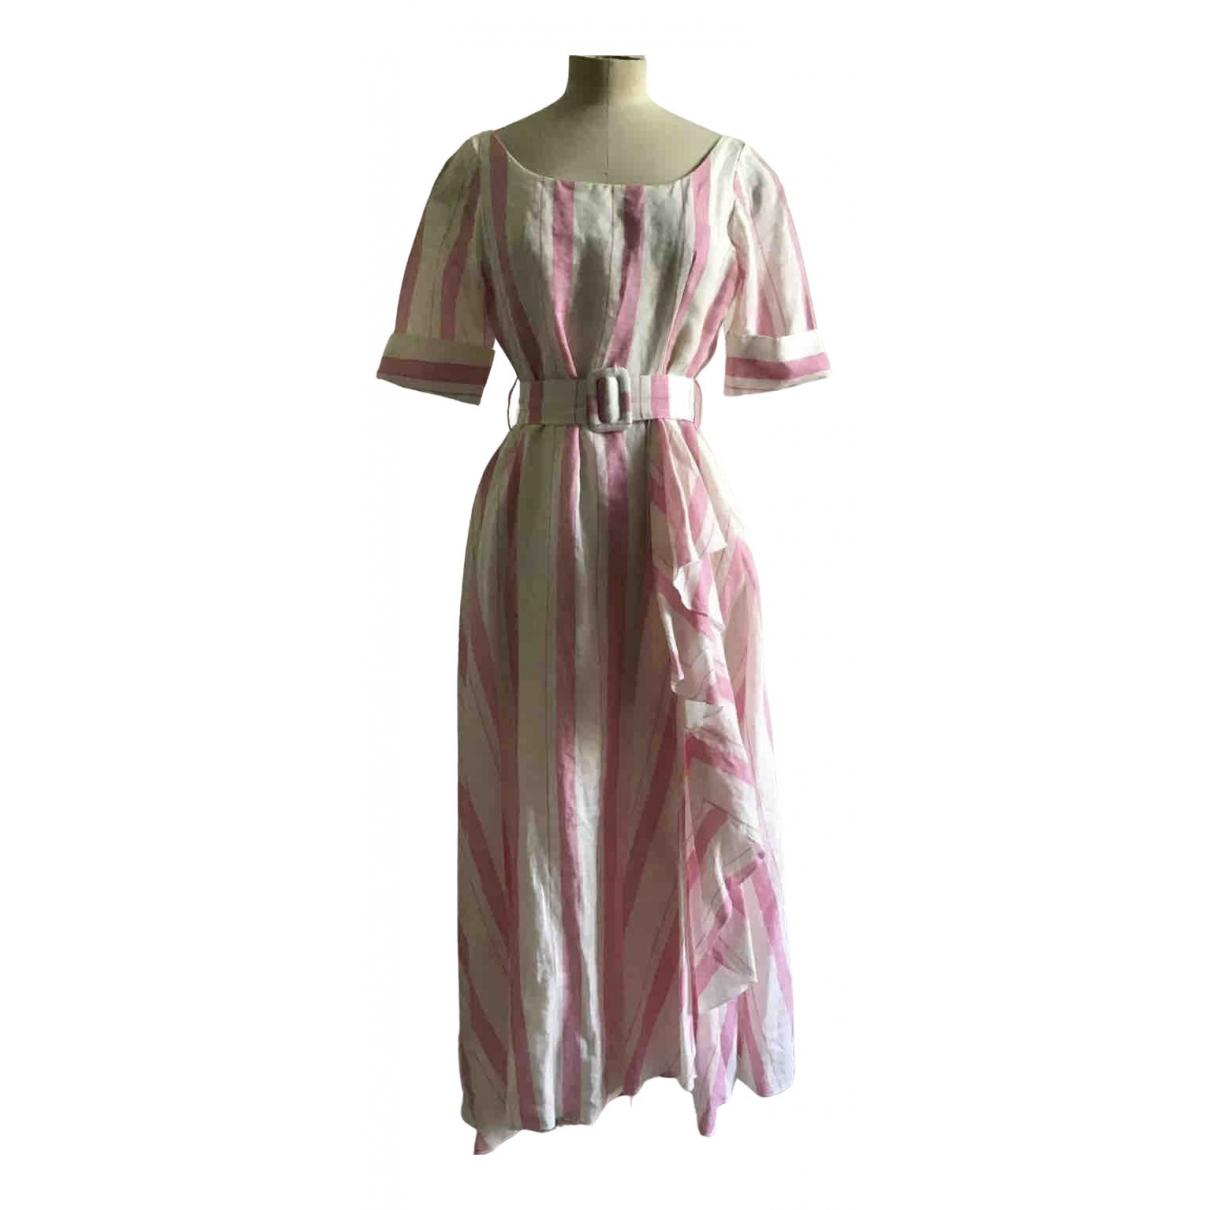 Gul Hurgel \N Pink Linen dress for Women M International